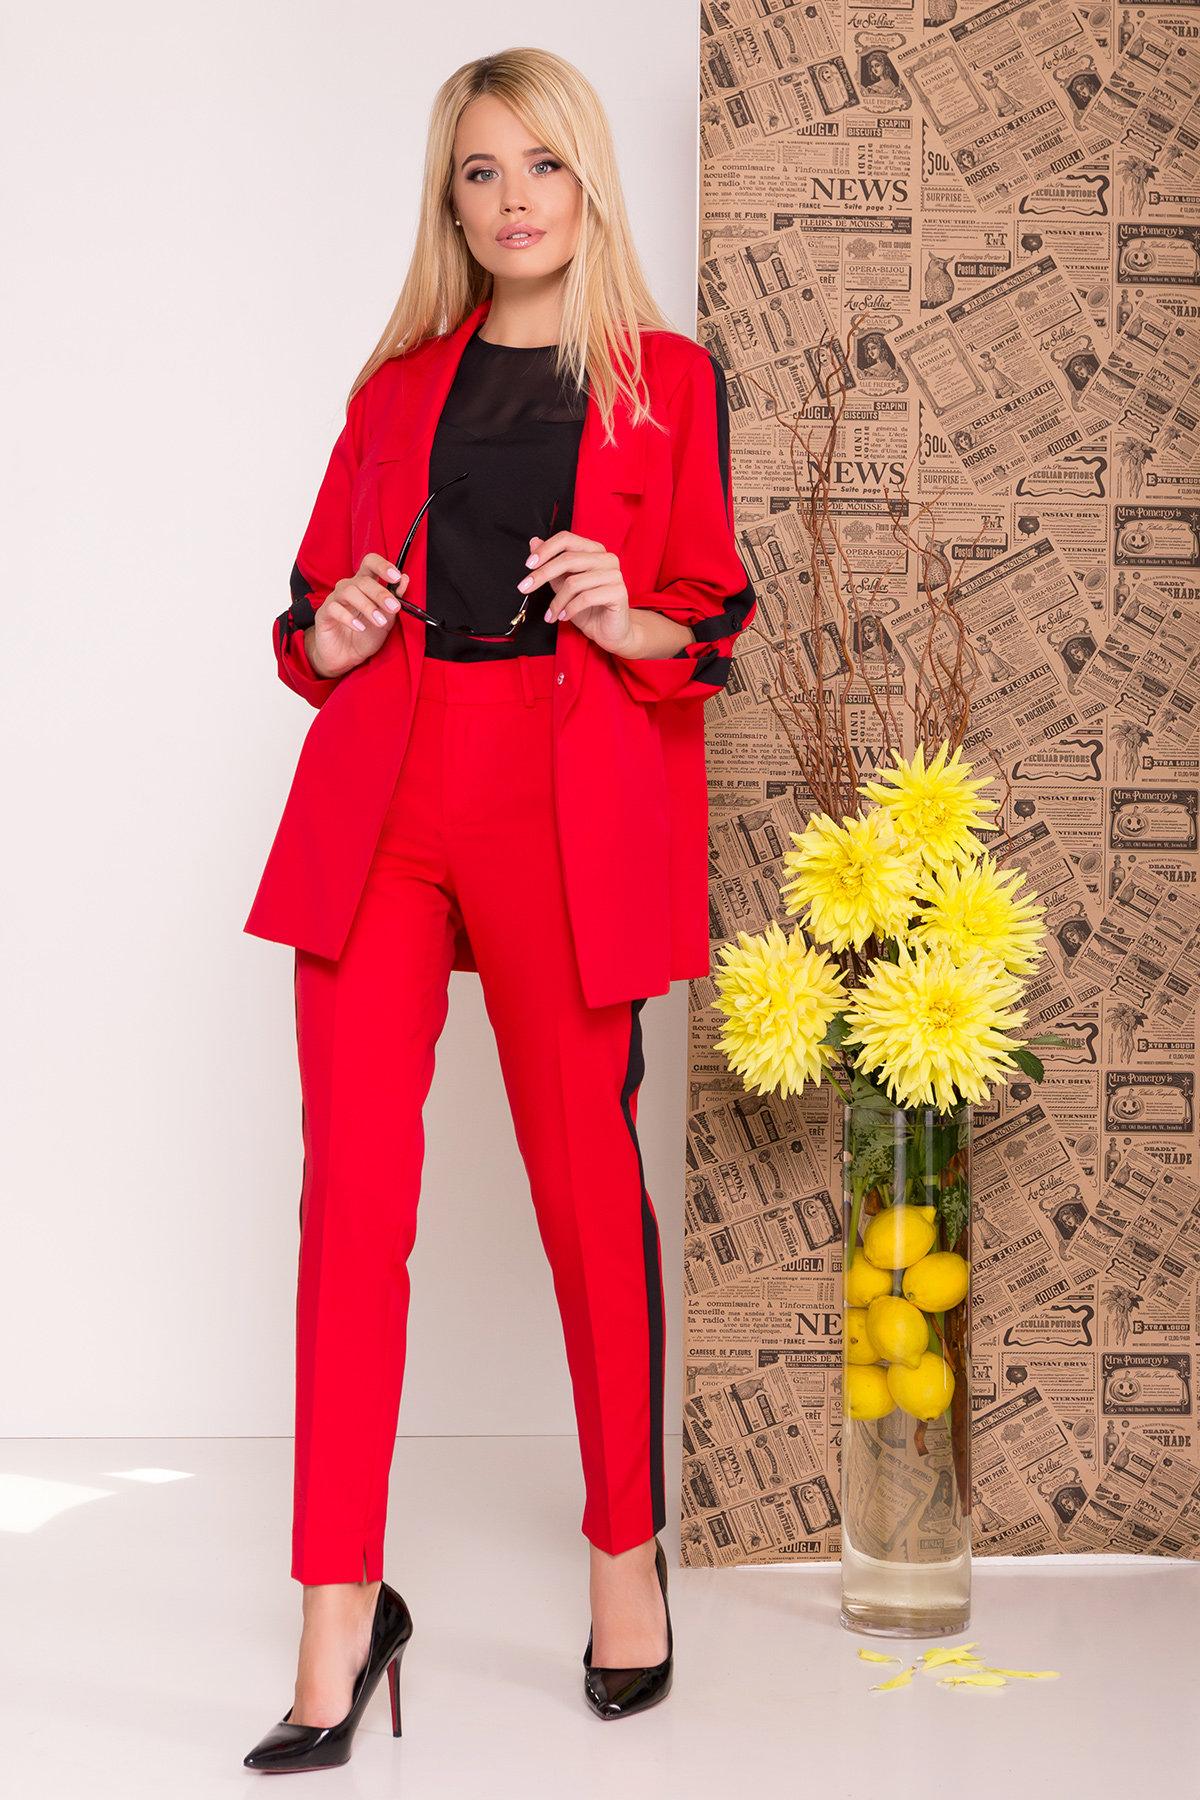 Костюм Макеба 7715 АРТ. 43619 Цвет: Красный/черный - фото 4, интернет магазин tm-modus.ru